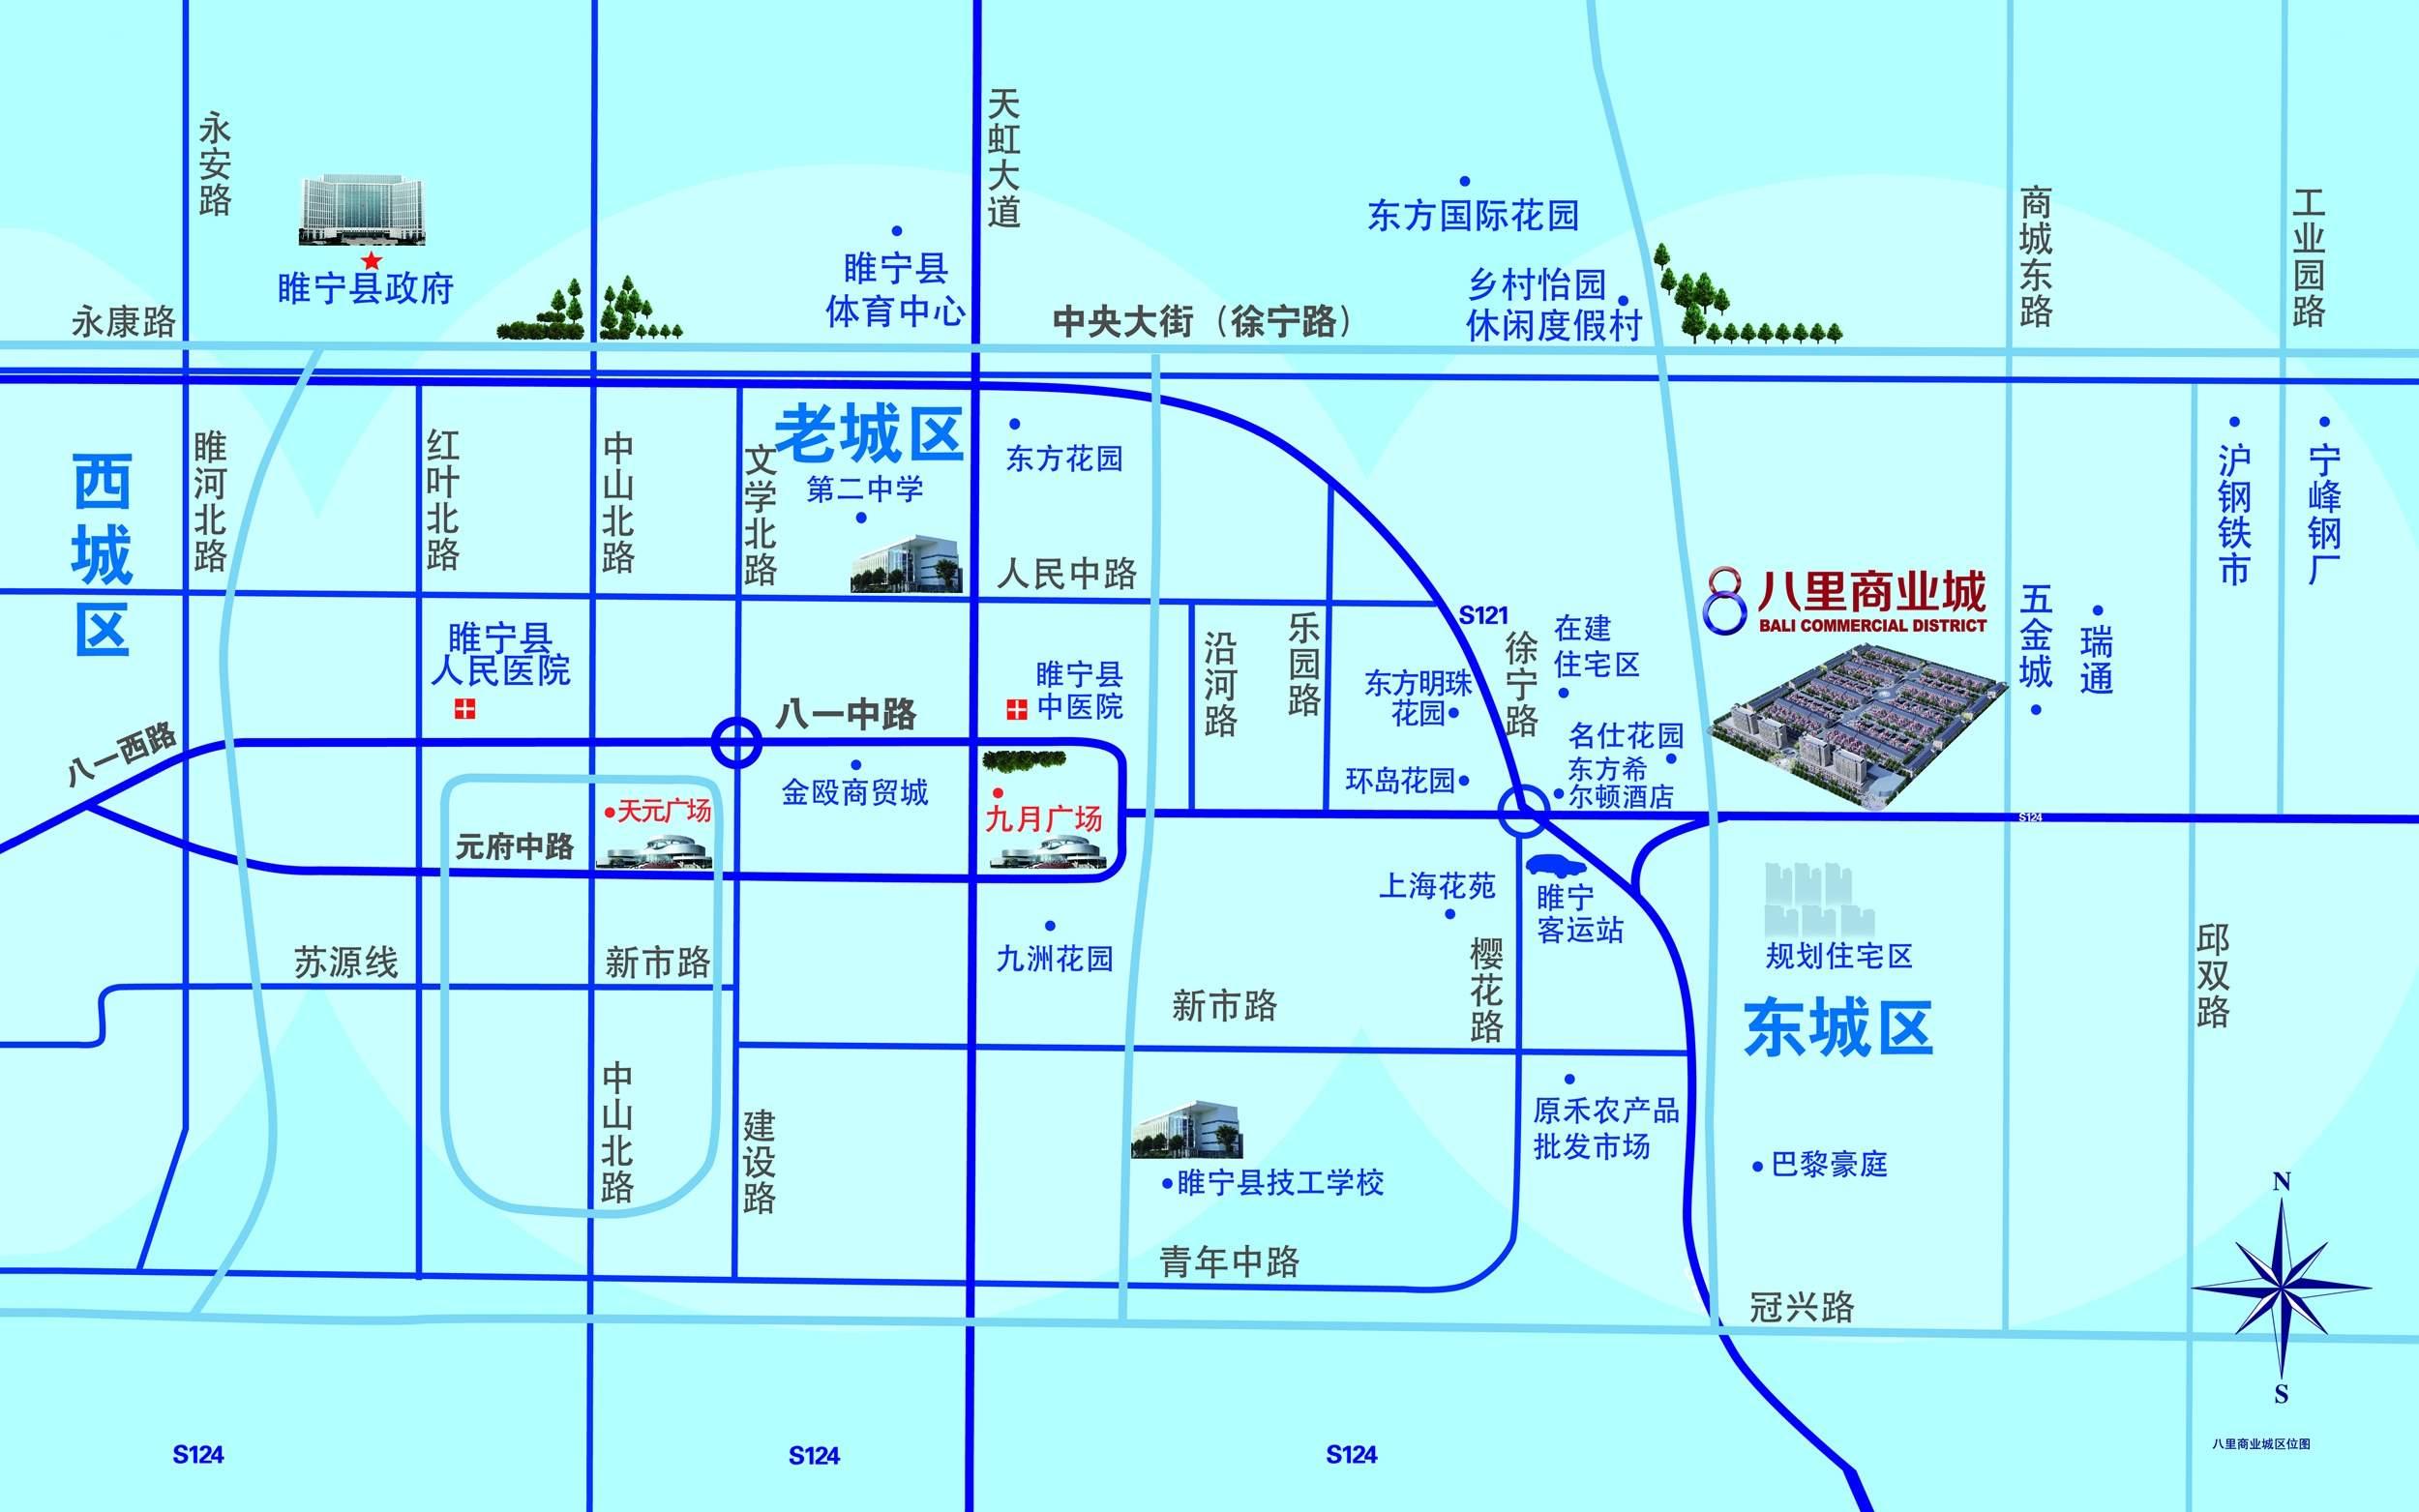 八里商业城位置图